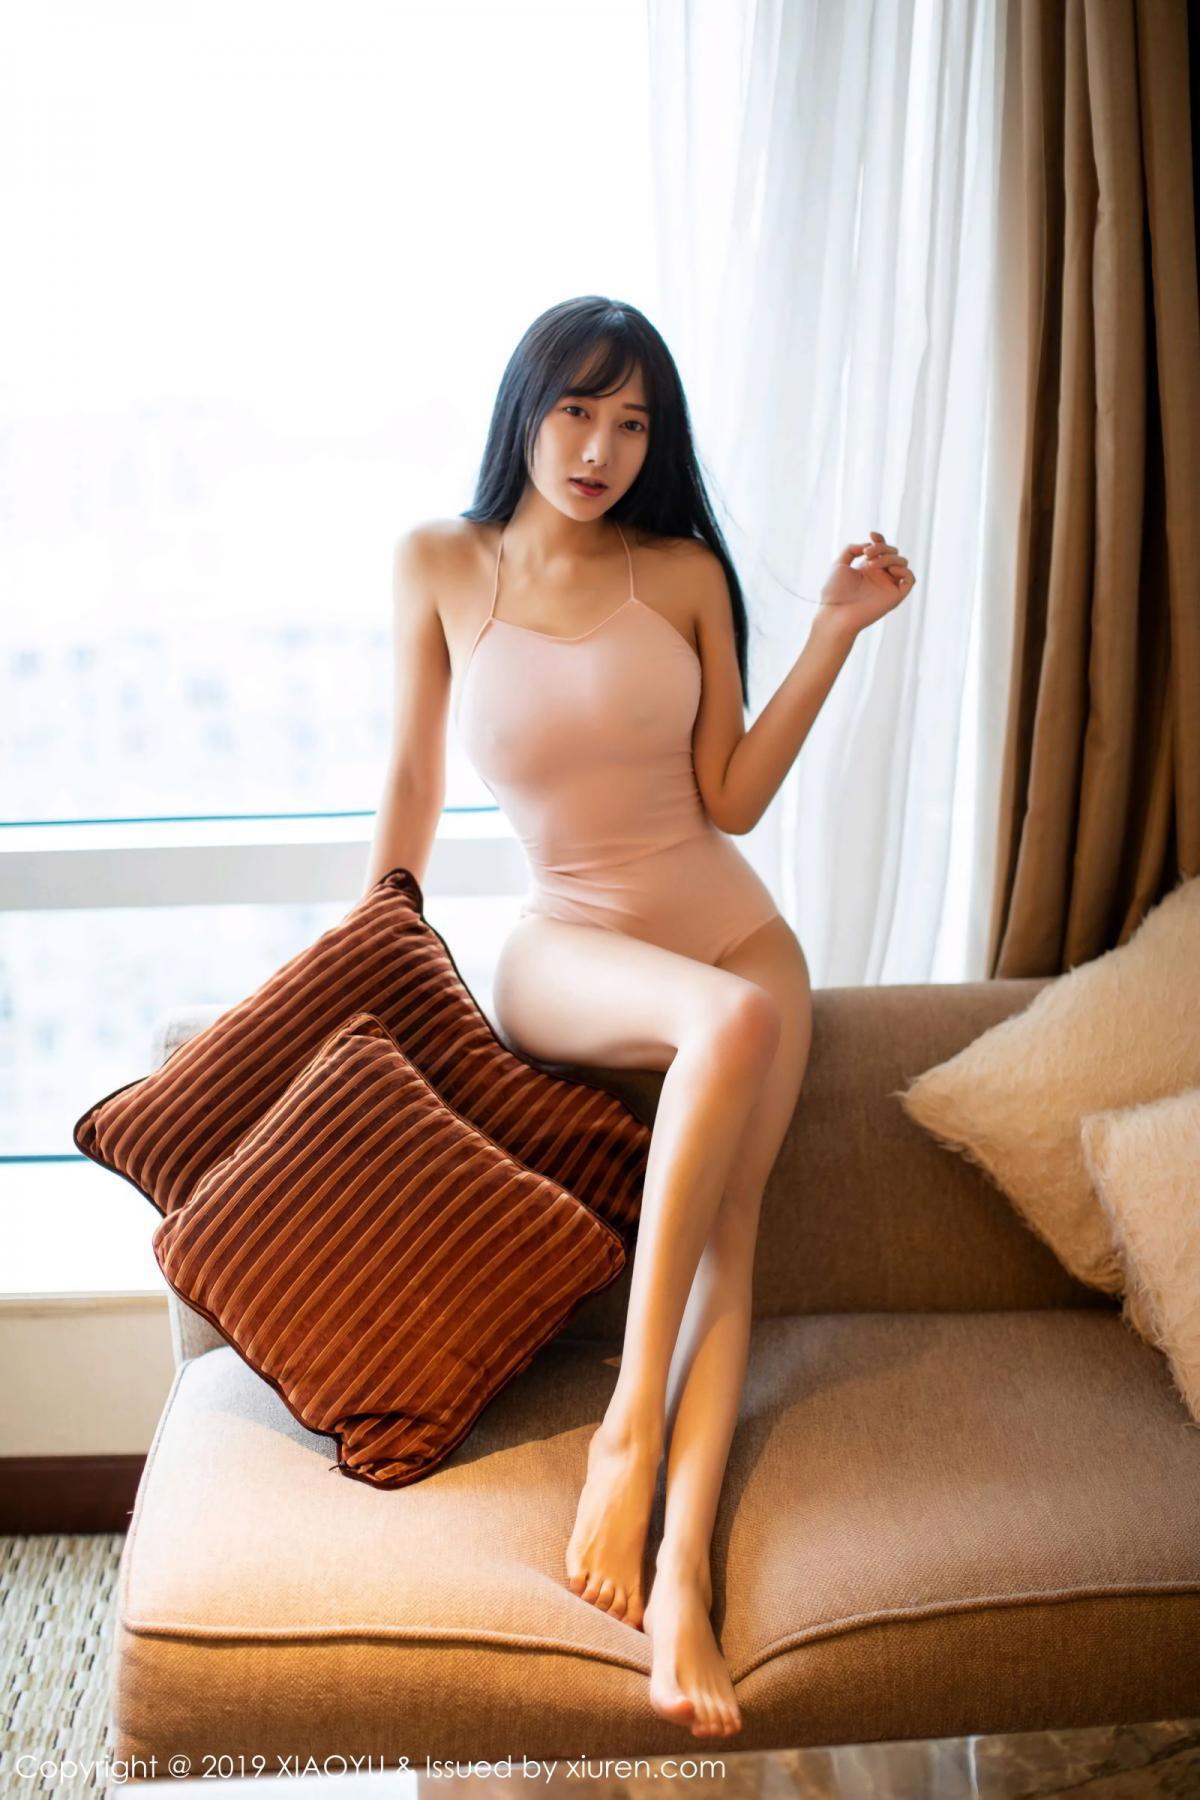 [XiaoYu] Vol.097 He Jia Ying 18P, He Jia Ying, Tall, XiaoYu